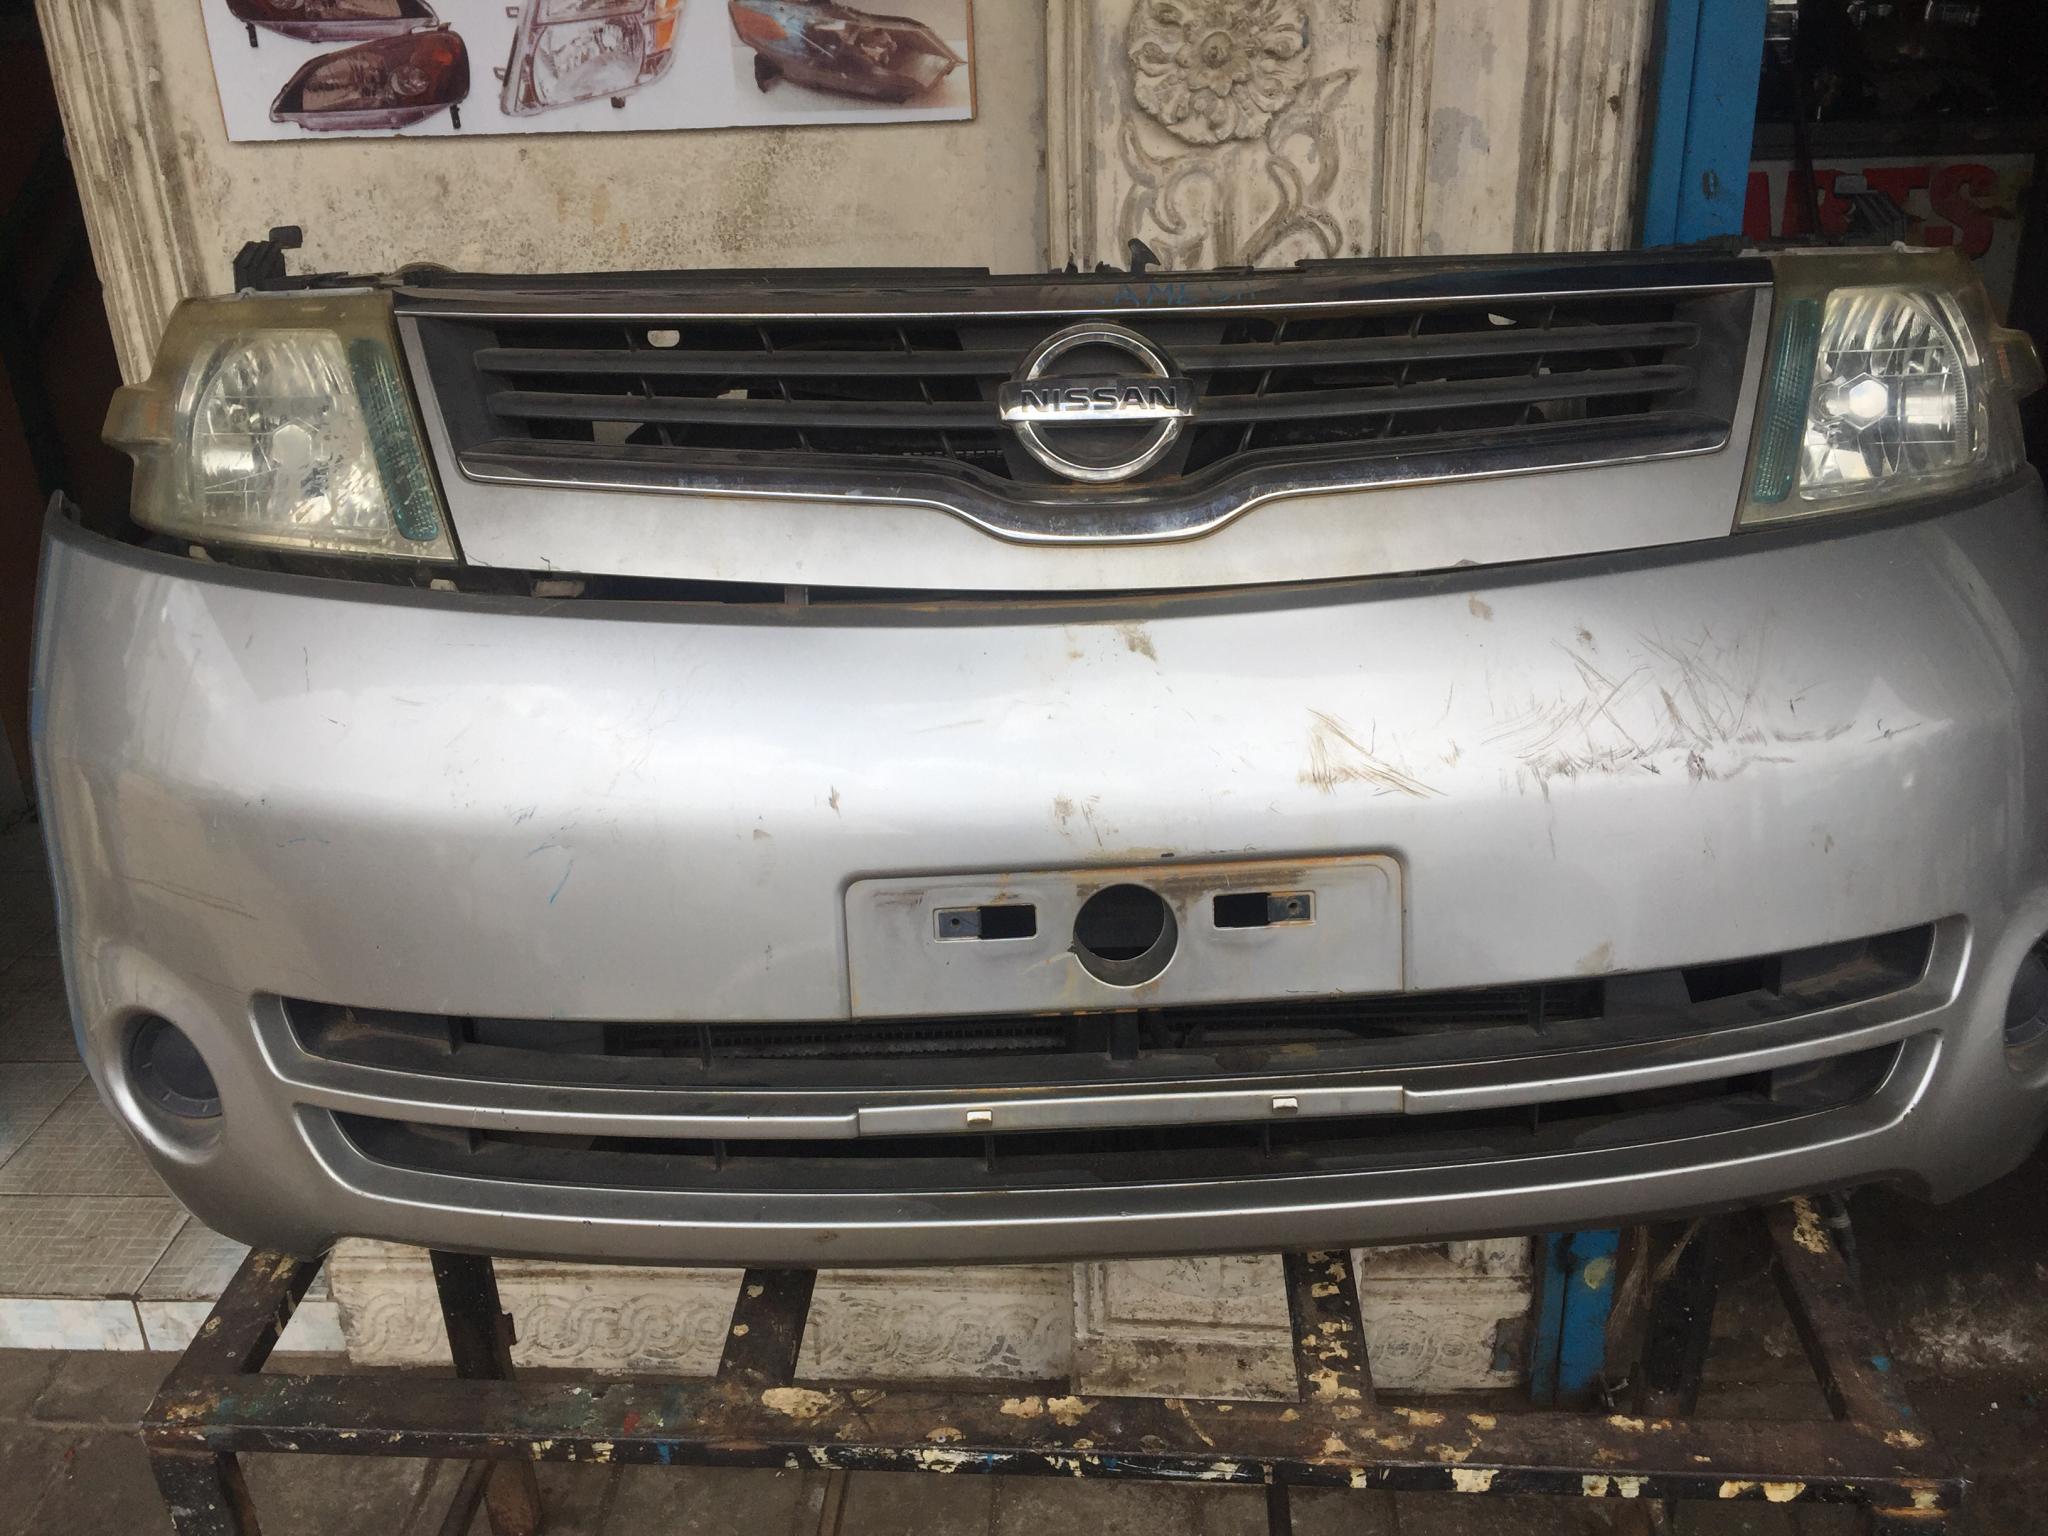 Nissan Sareen nose cut 00930